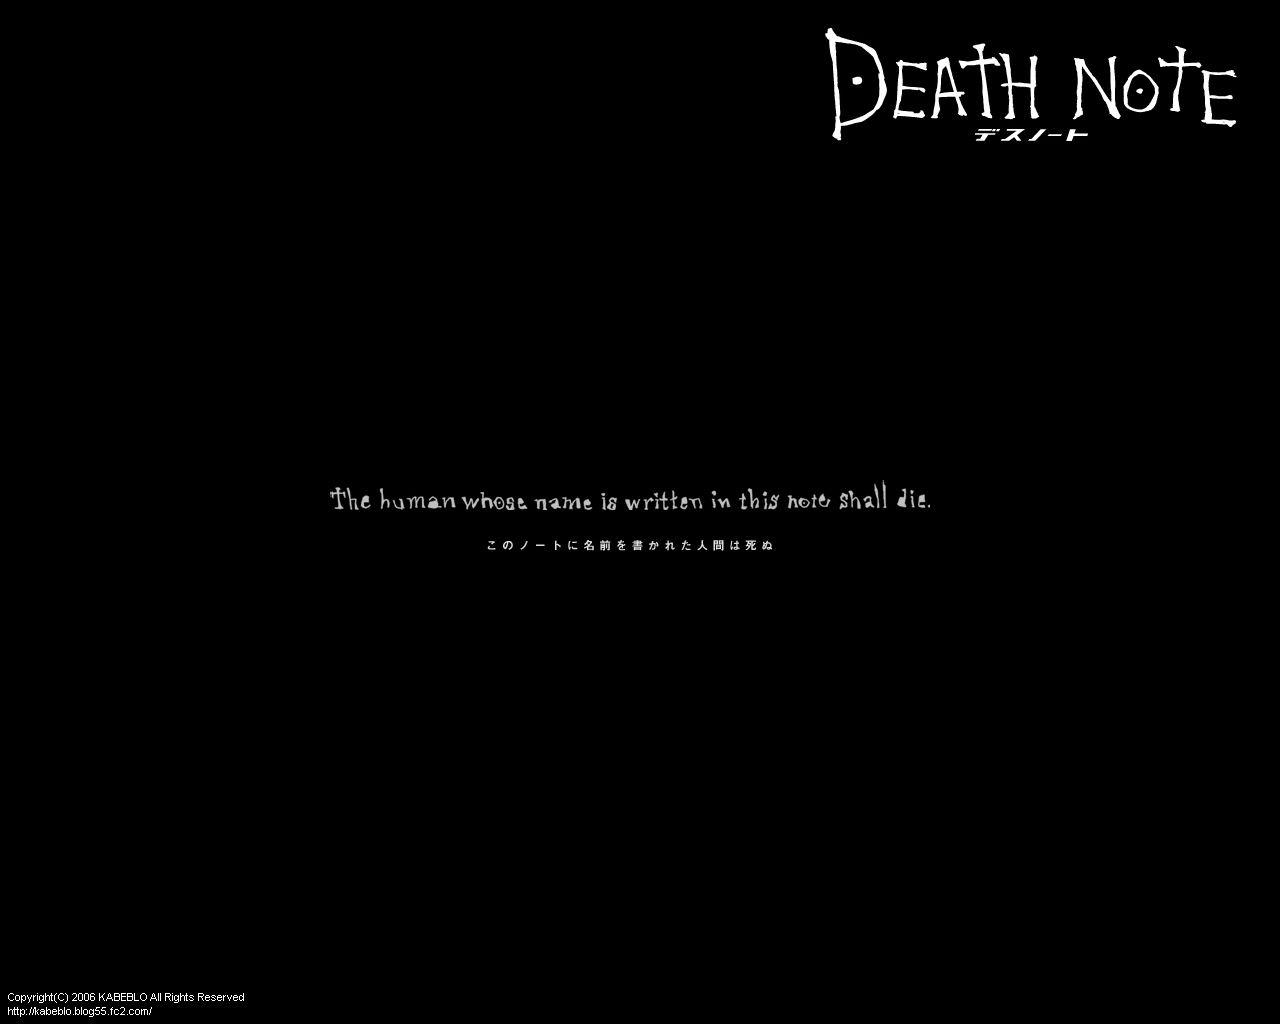 画像 Death Note デスノート 壁紙画像集 100枚超 高画質まとめ